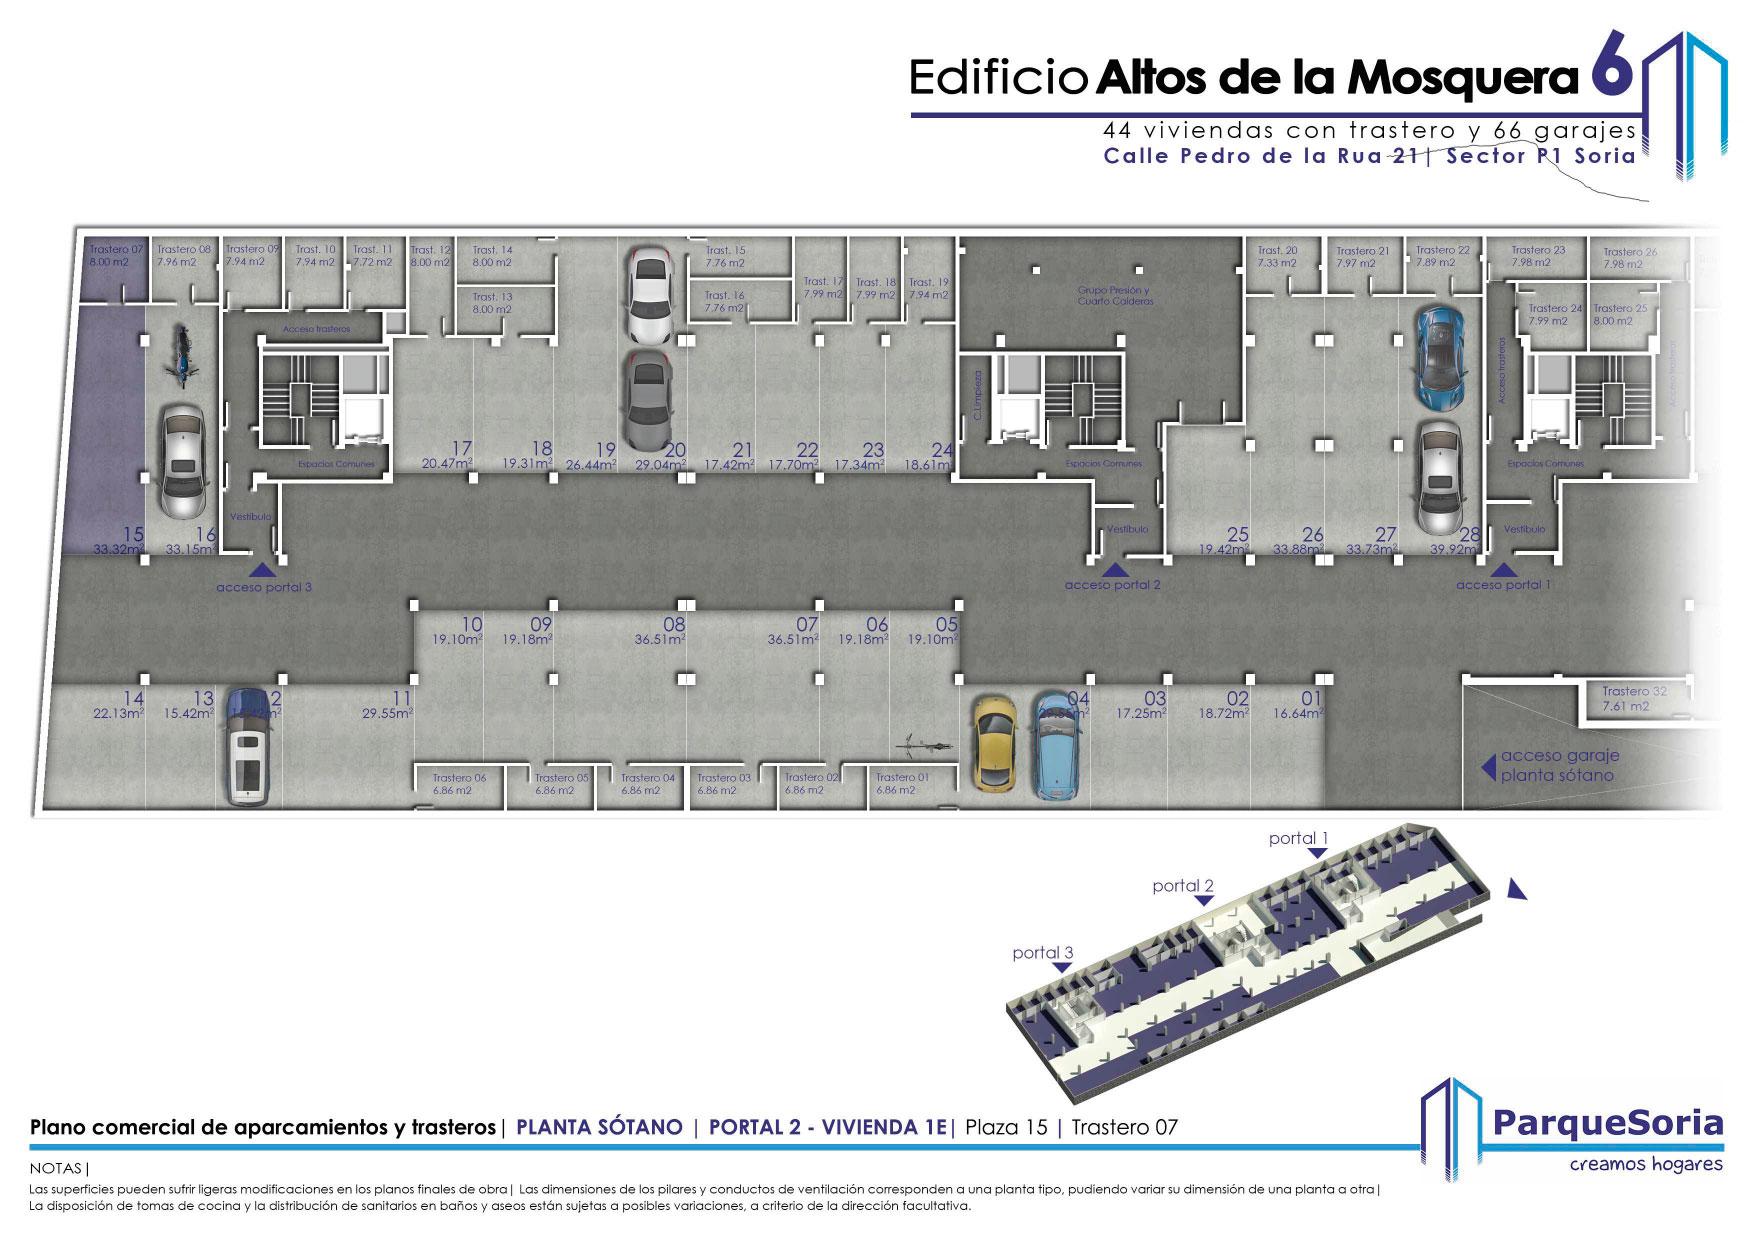 Parquesoria-Altos-de-la-mosquera-6-1E-2